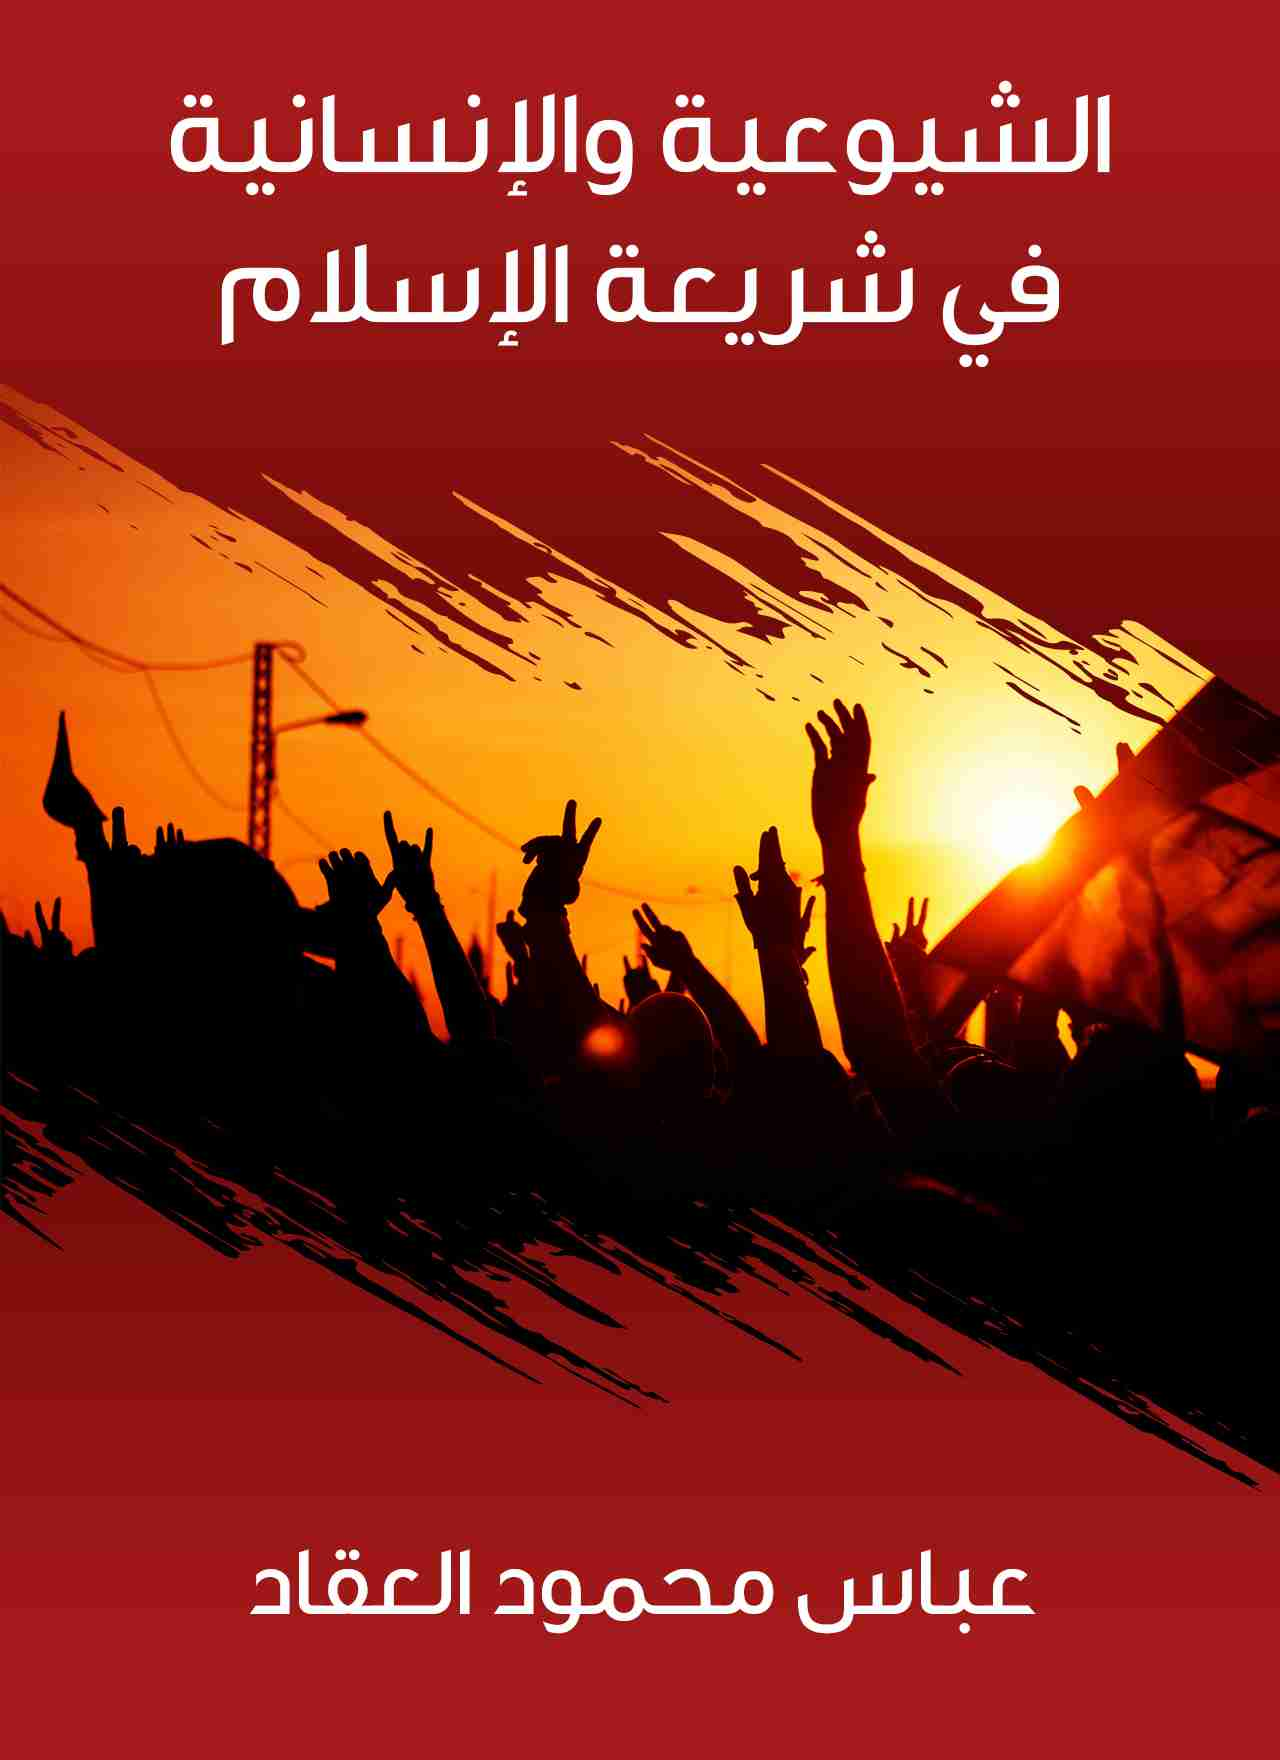 كتاب الشيوعية والإنسانية في شريعة الإسلام - عباس العقاد